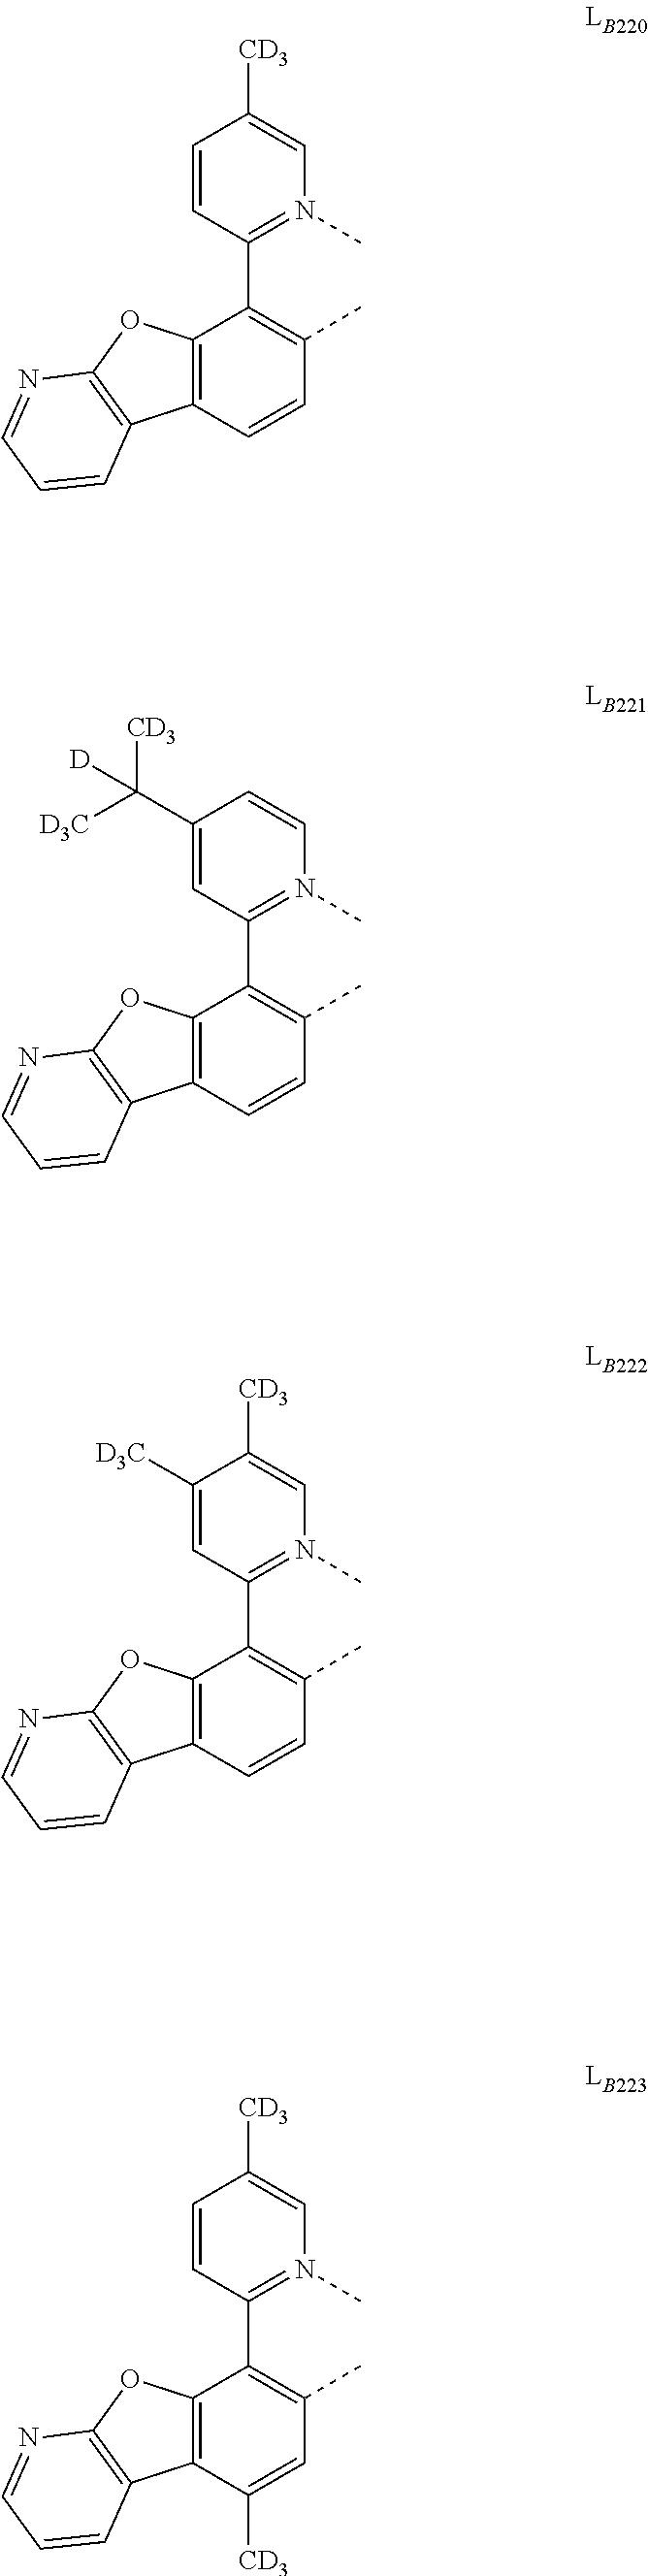 Figure US09929360-20180327-C00086